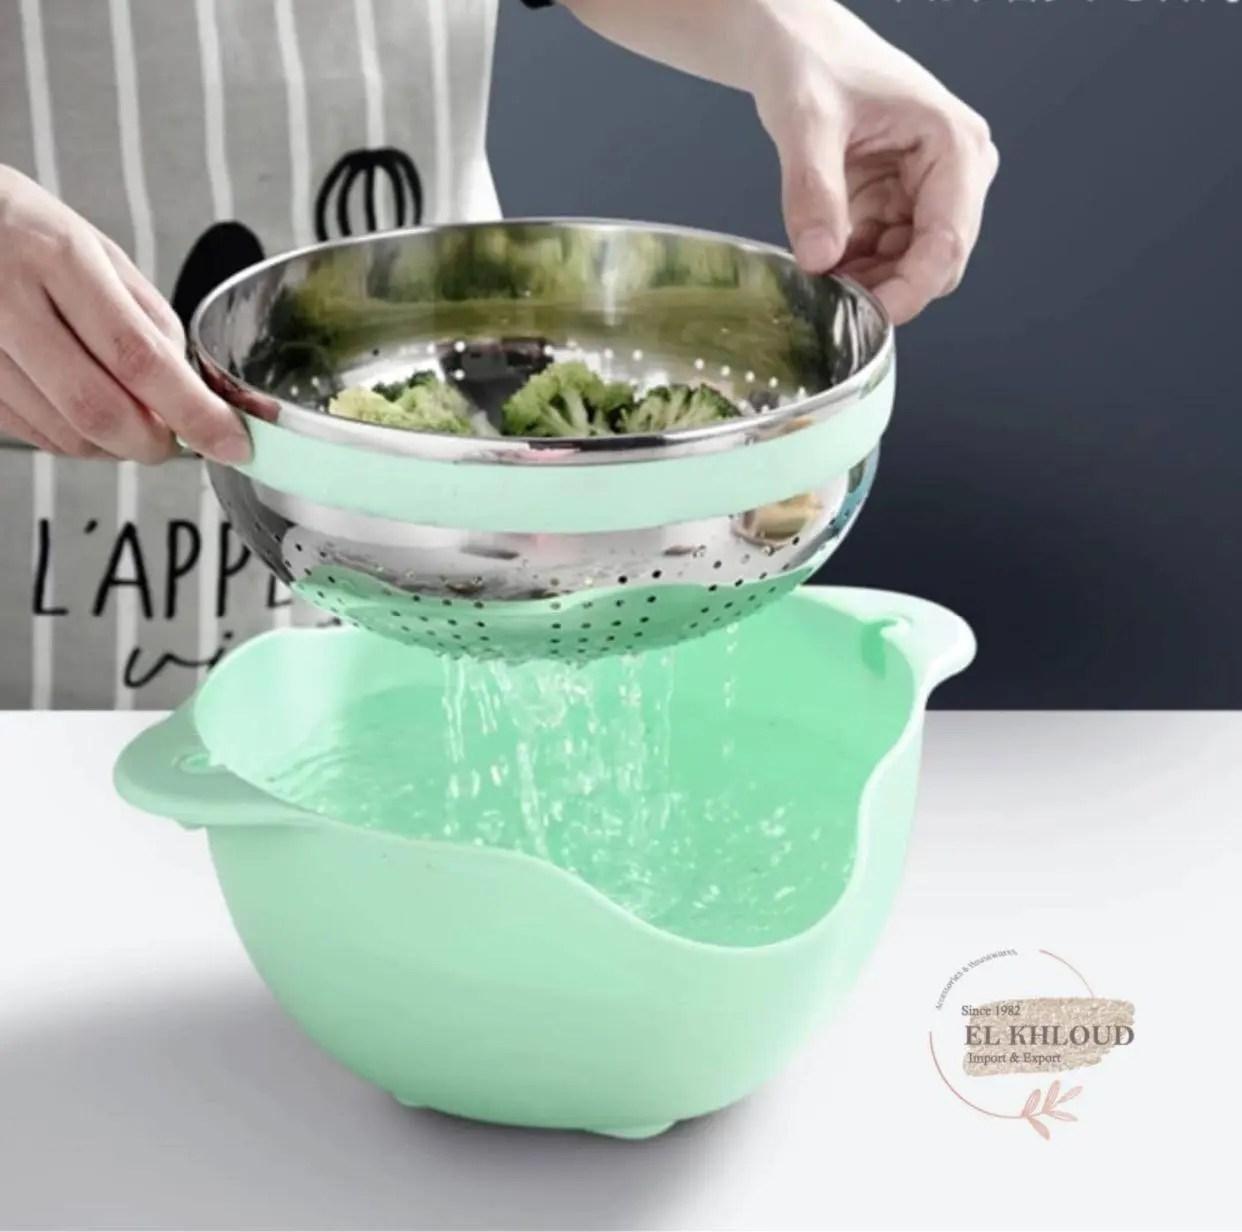 طبق الخضروات مع صفاية ستانليس متحركة